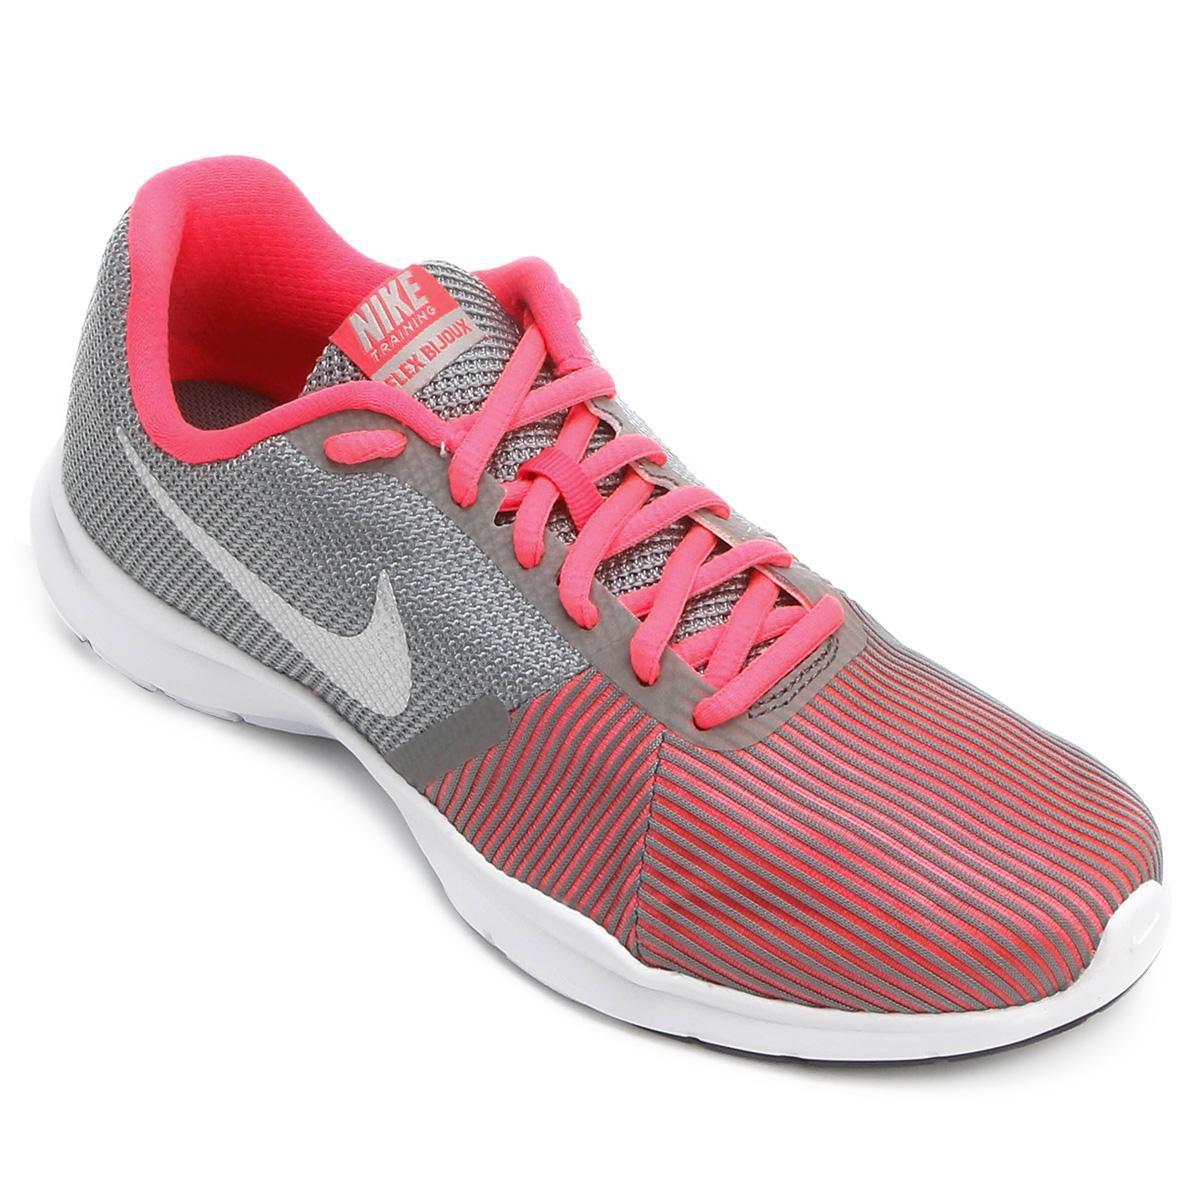 77dfe9694 Tênis Nike Flex Bijoux Feminino - Cinza e Rosa - Compre Agora